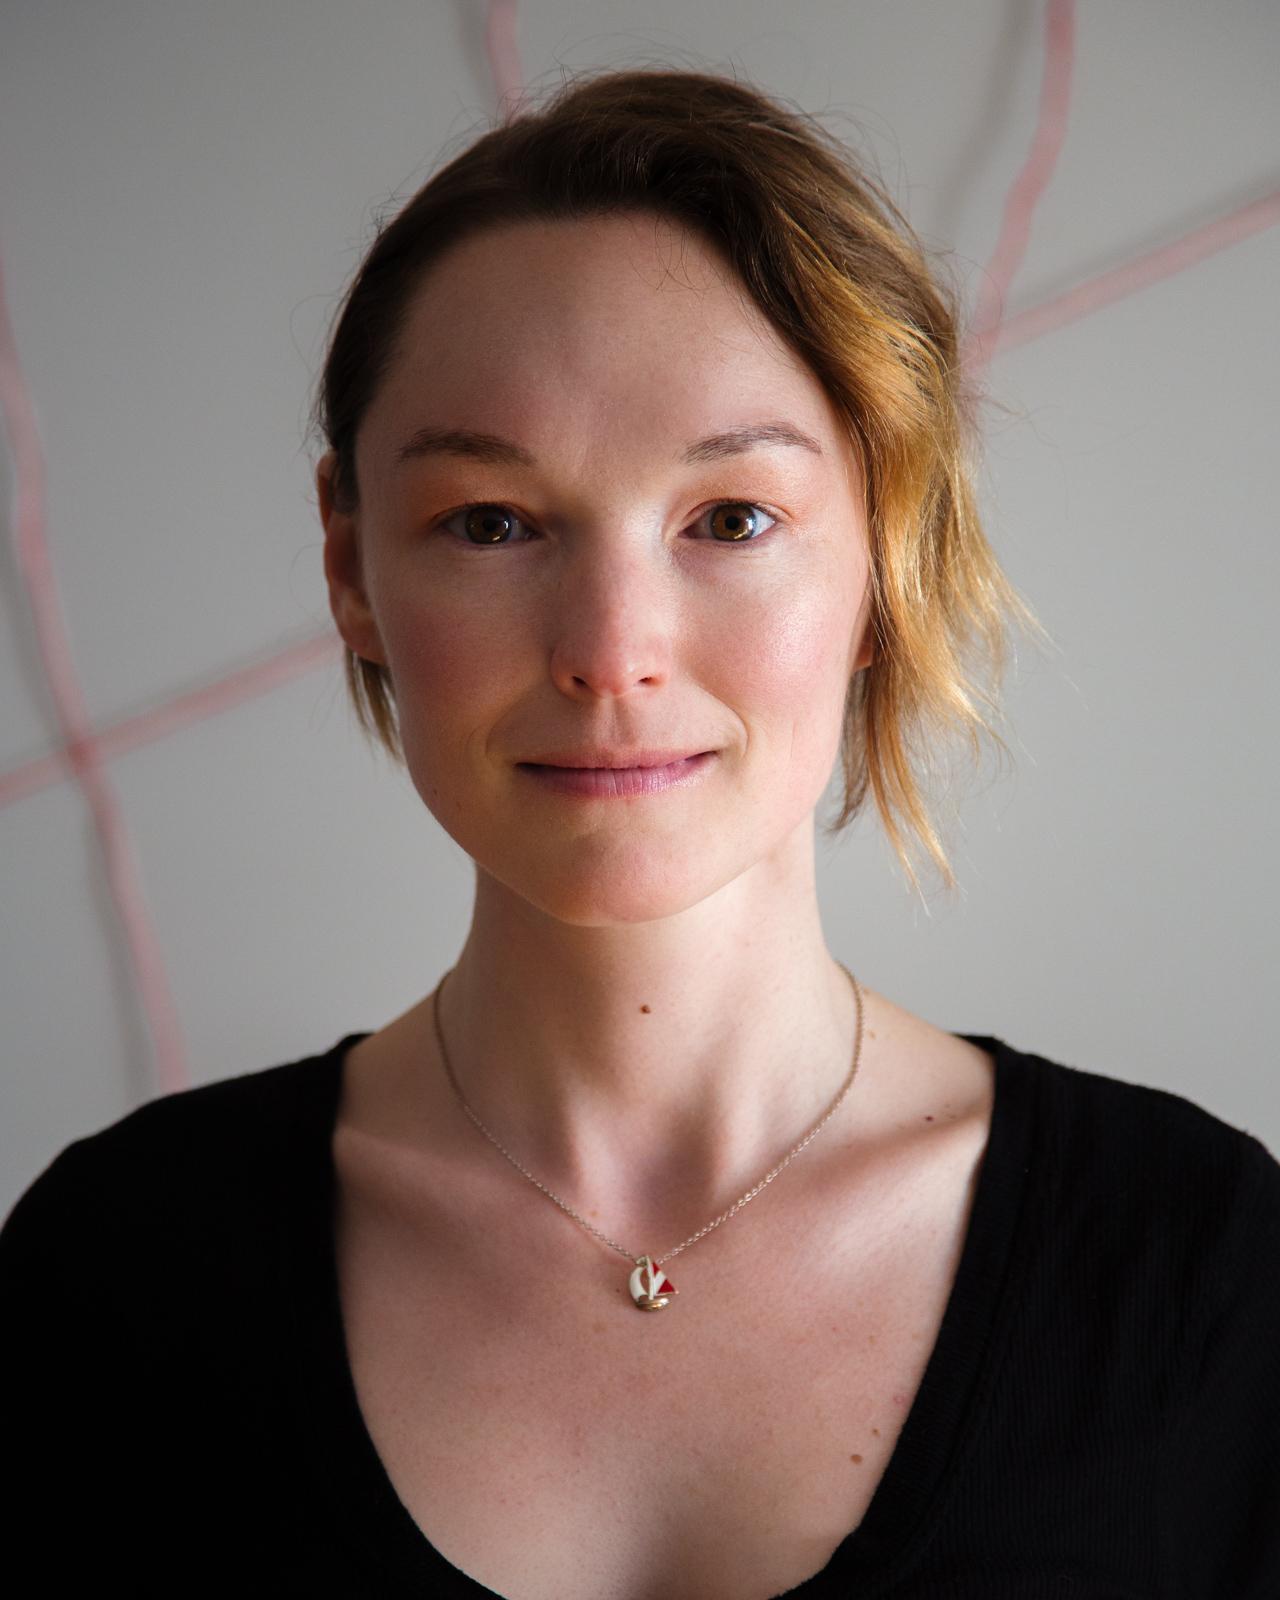 Kate Ryan Brewer - Director, Writer